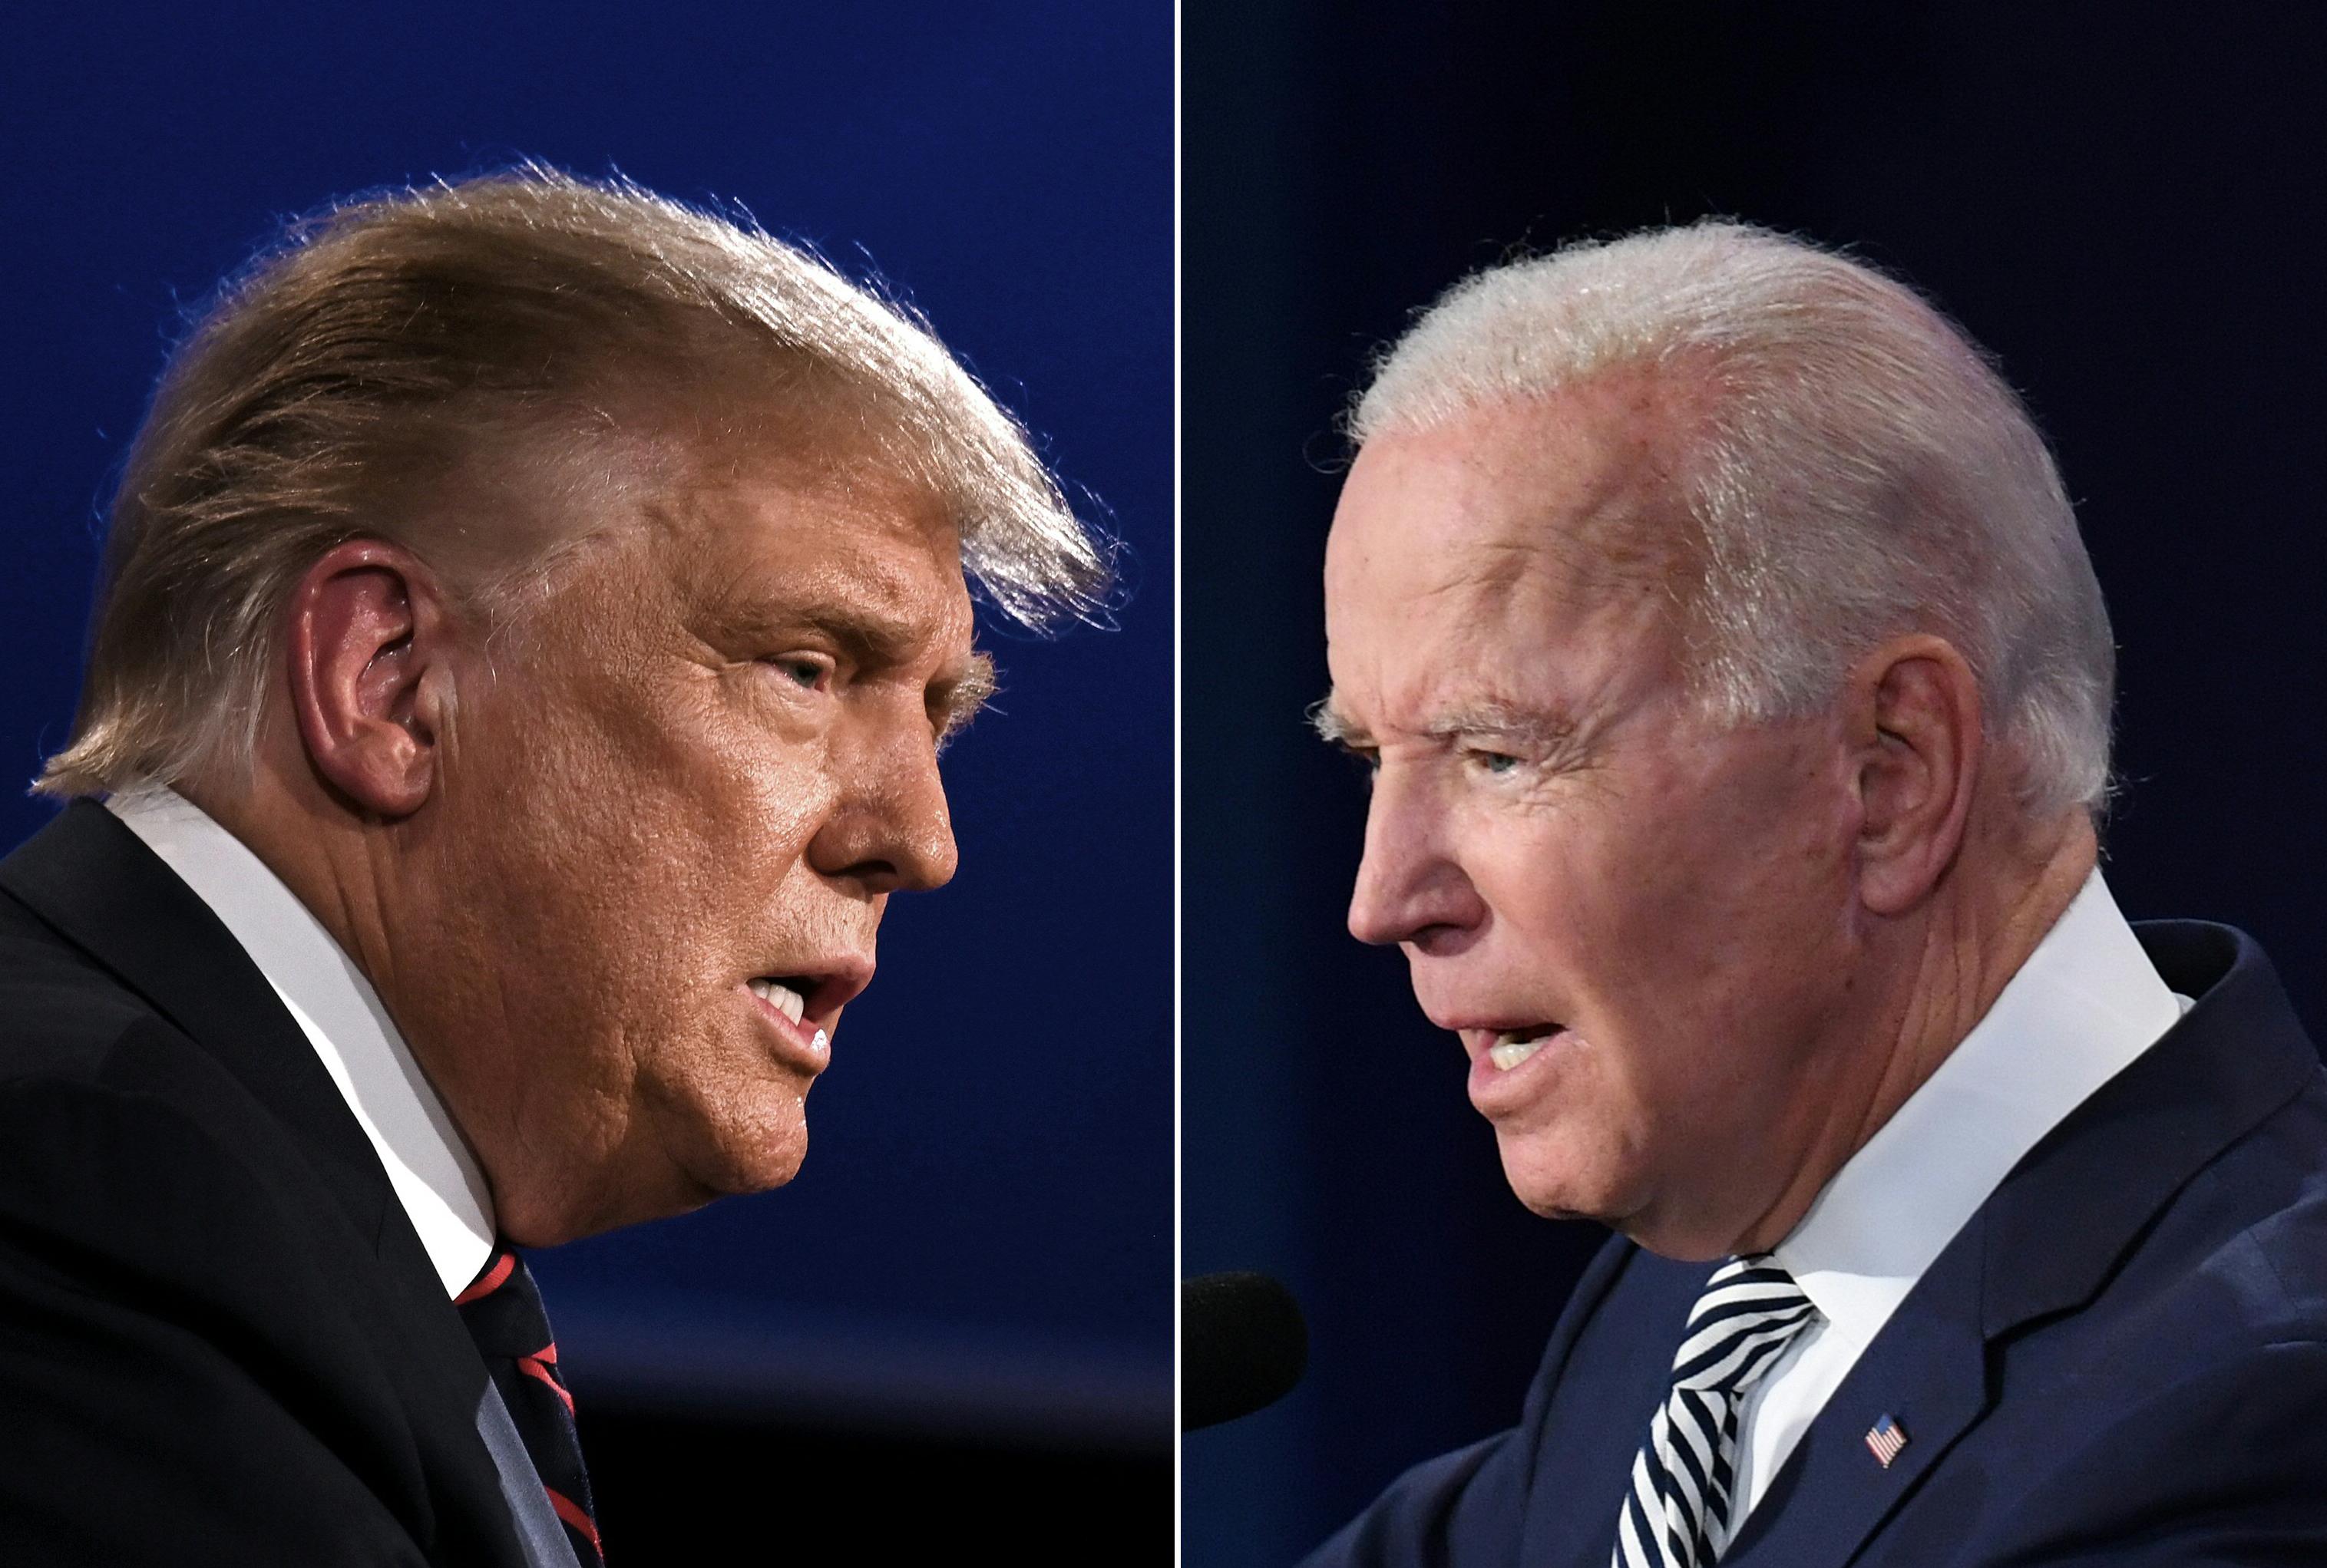 特朗普談大選:美國夢和社會主義地獄間選擇